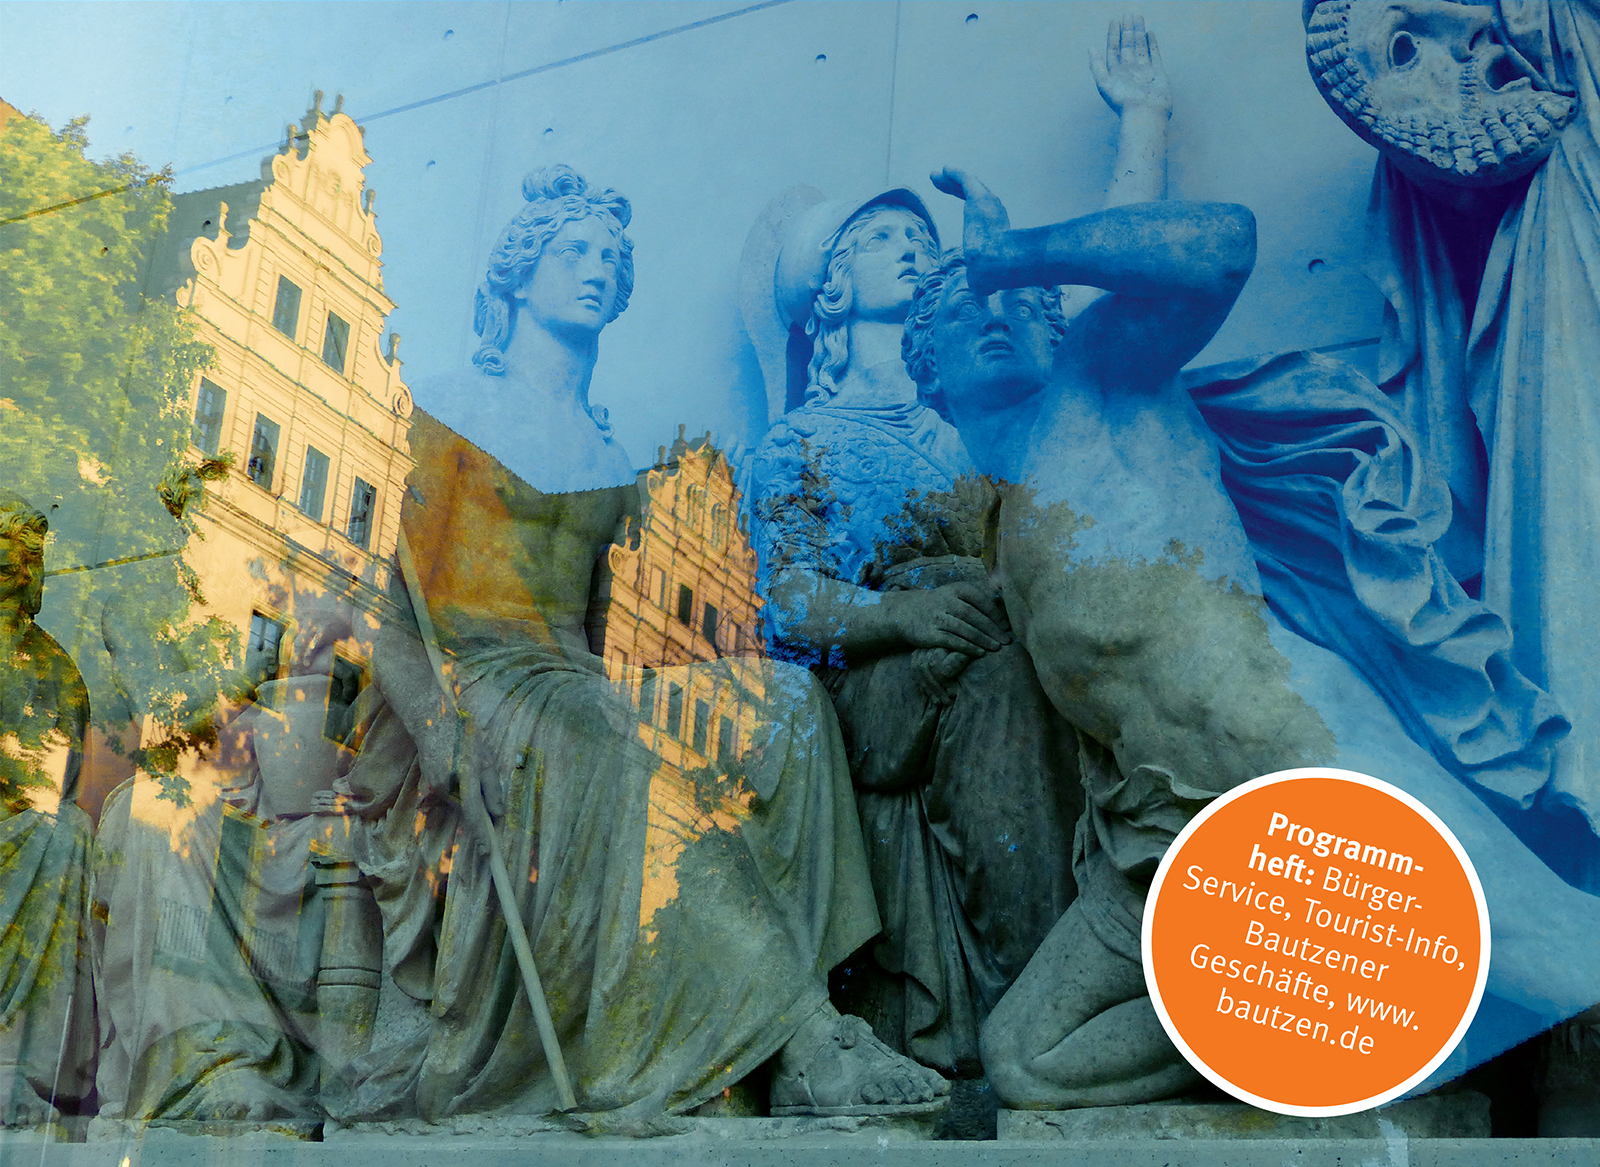 Rietschgibelfiguren im Vordergrund, im Hintergrund spiegelt sich der Gibel der Ortenburg